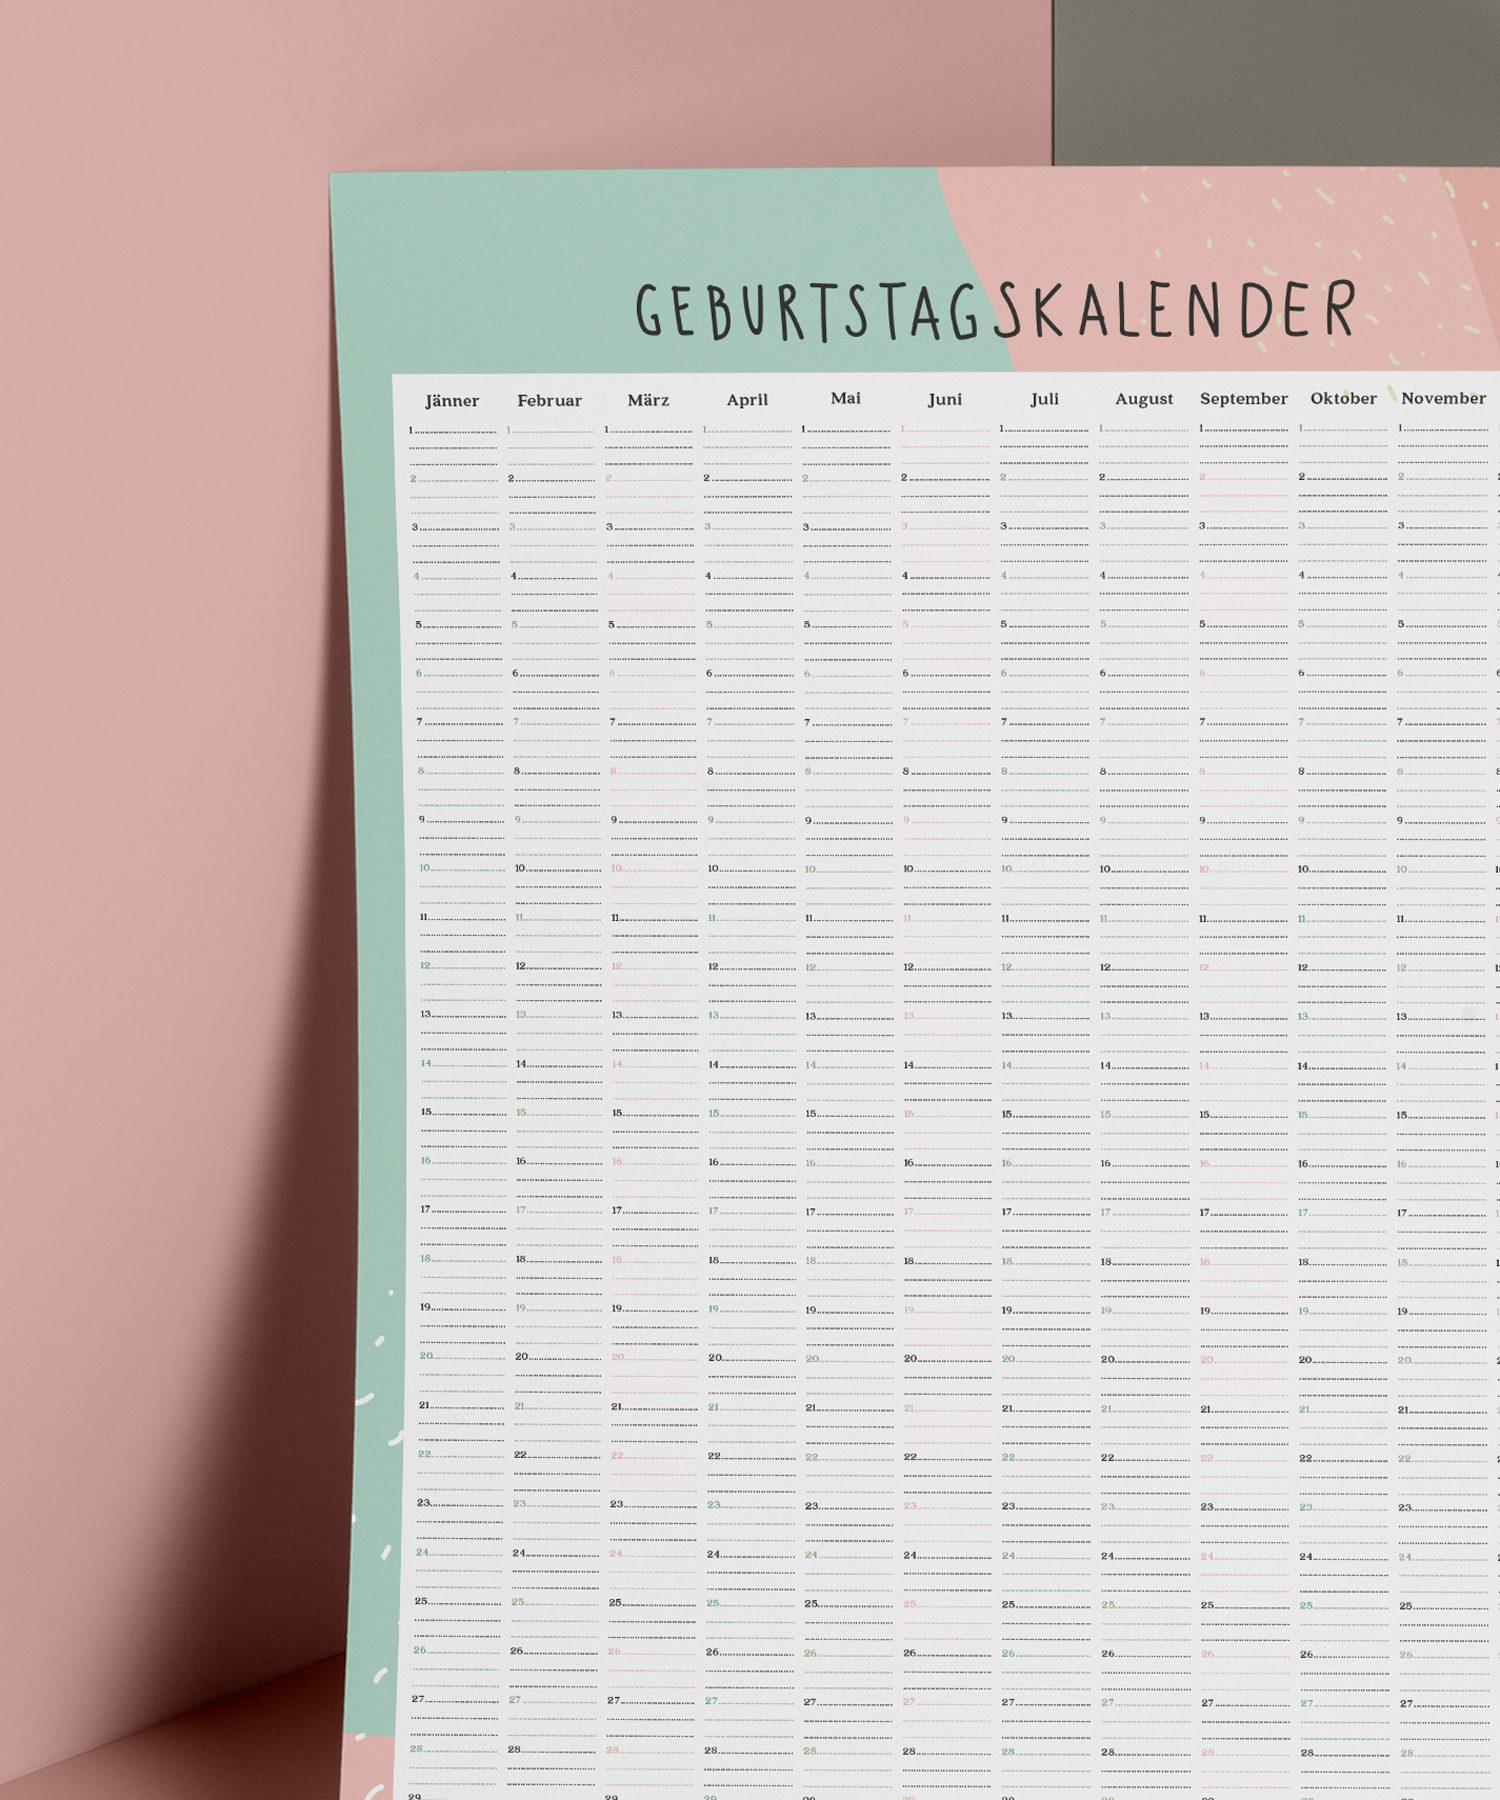 Zeitloser Geburtstagskalender mit viel Platz für Namen.